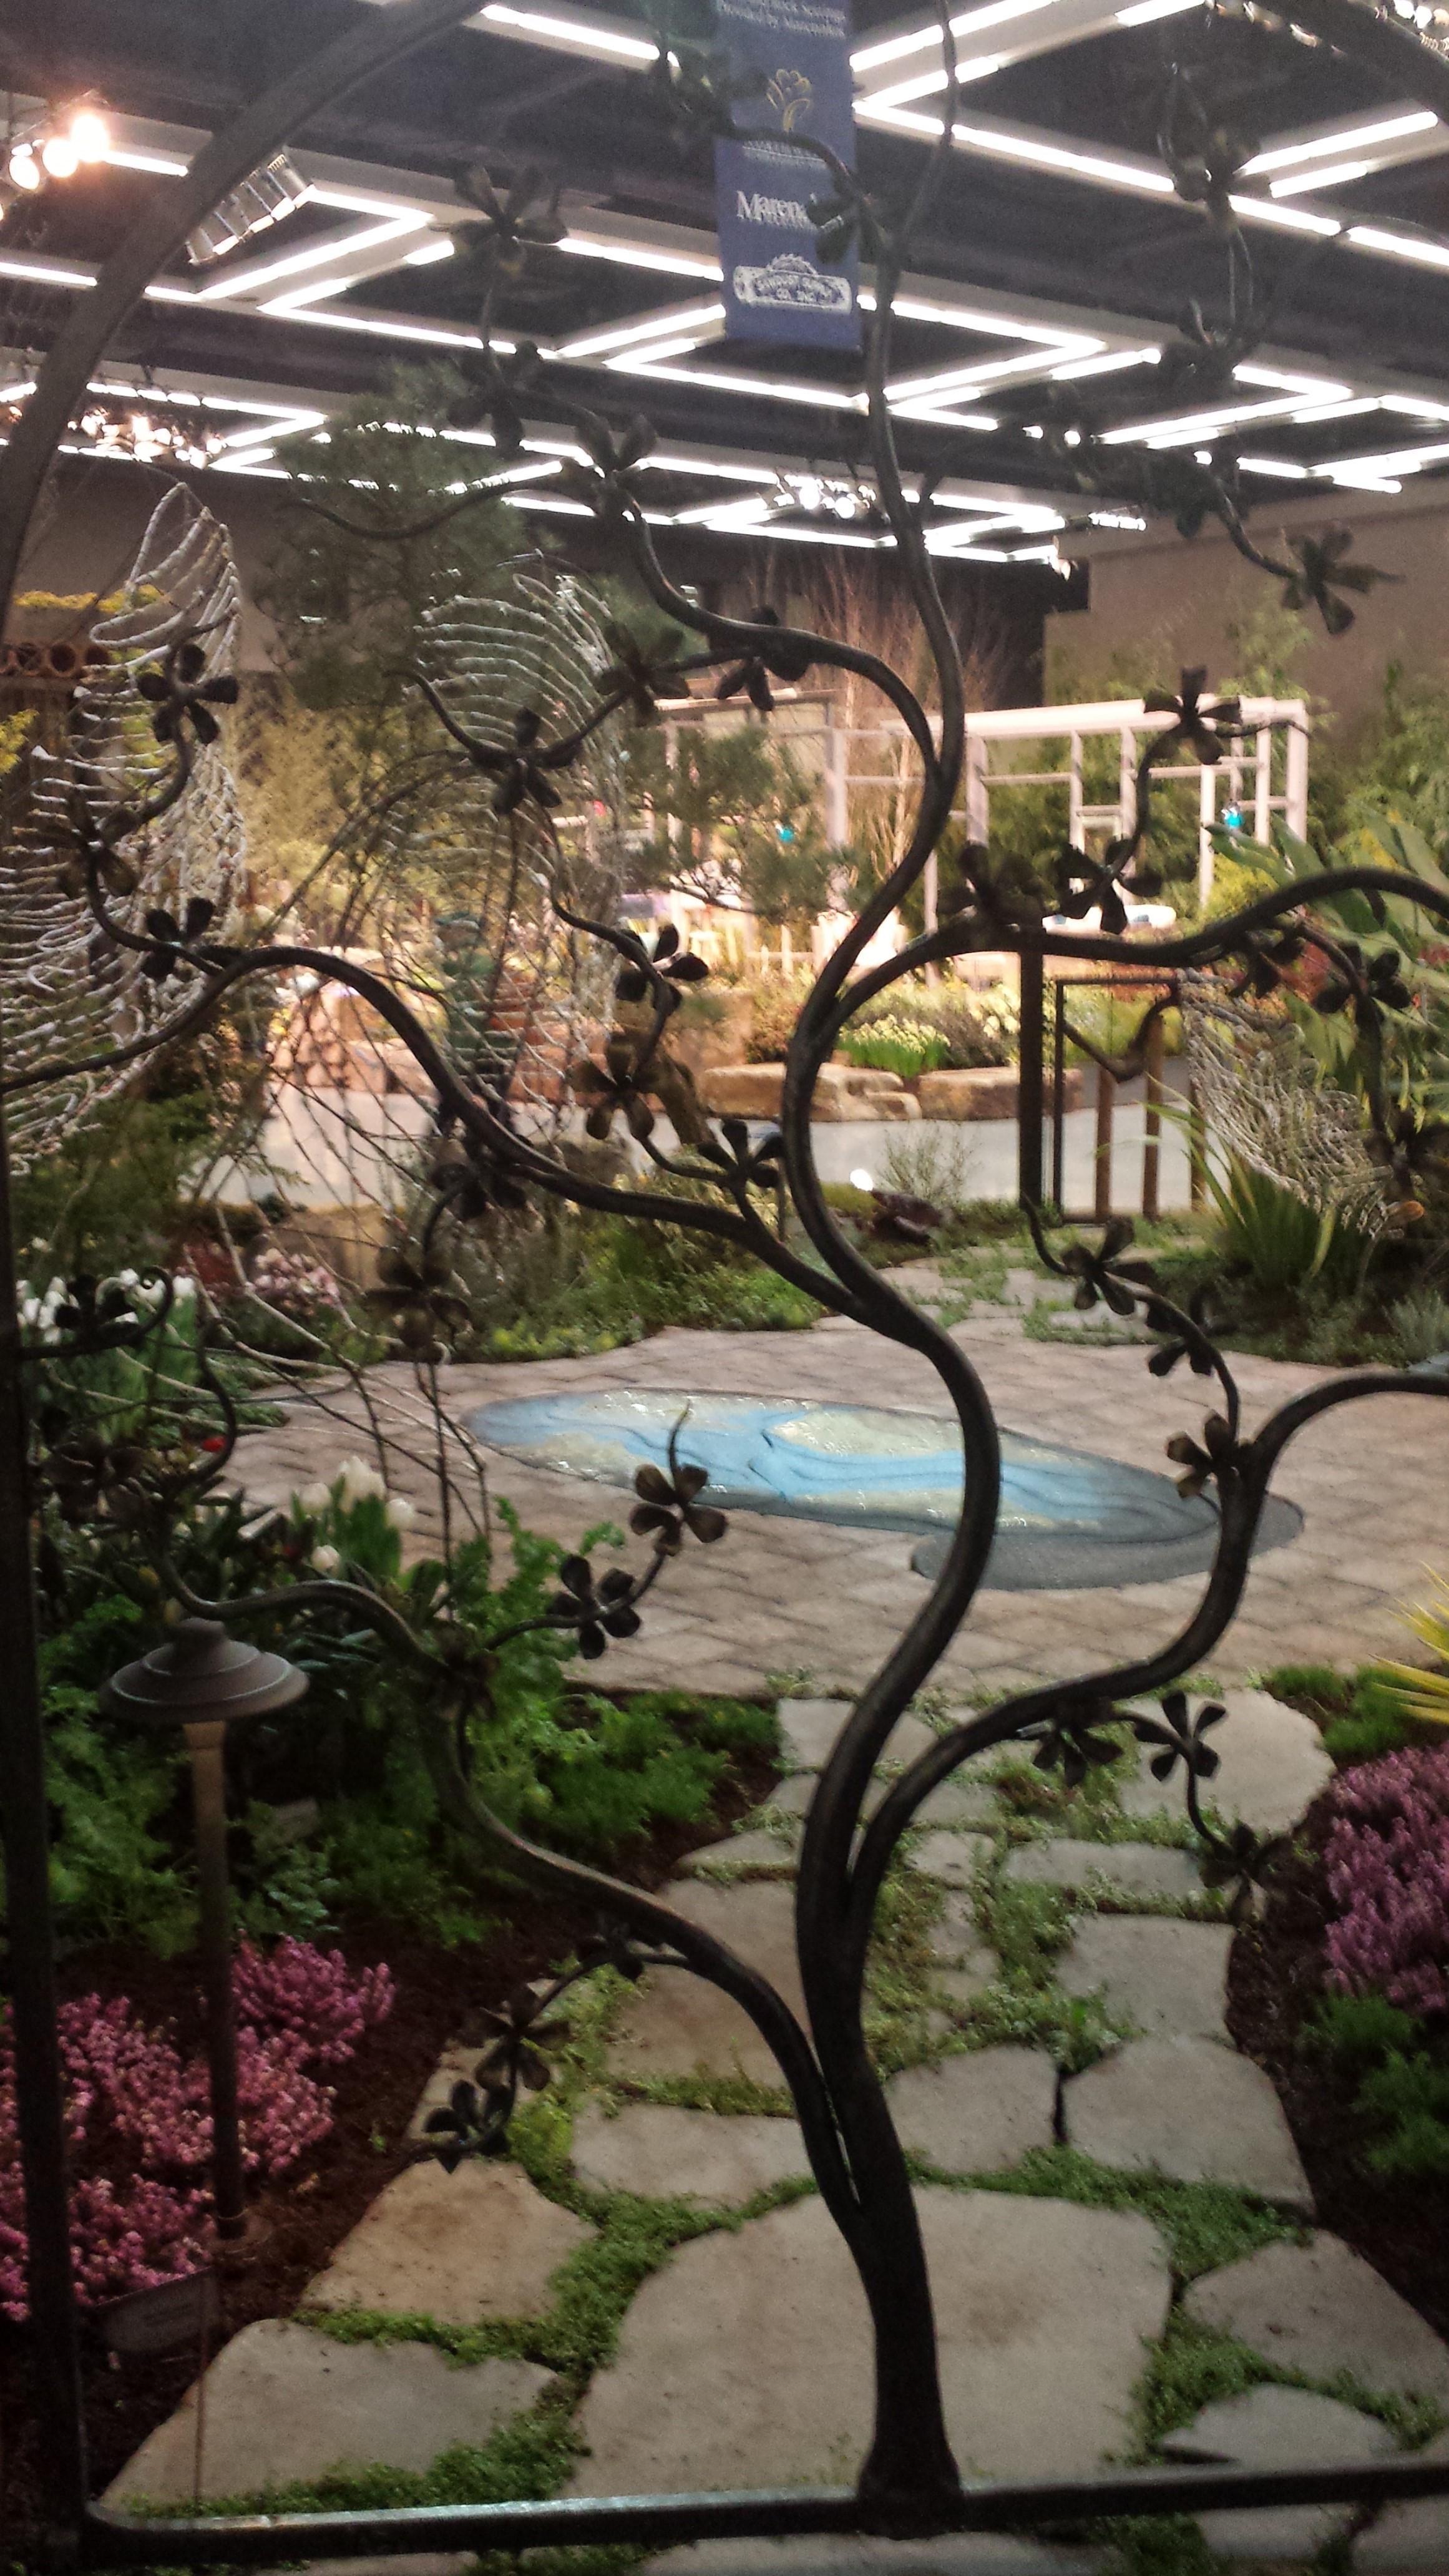 Northwest Flower & Garden Show | Clematis in Seattle